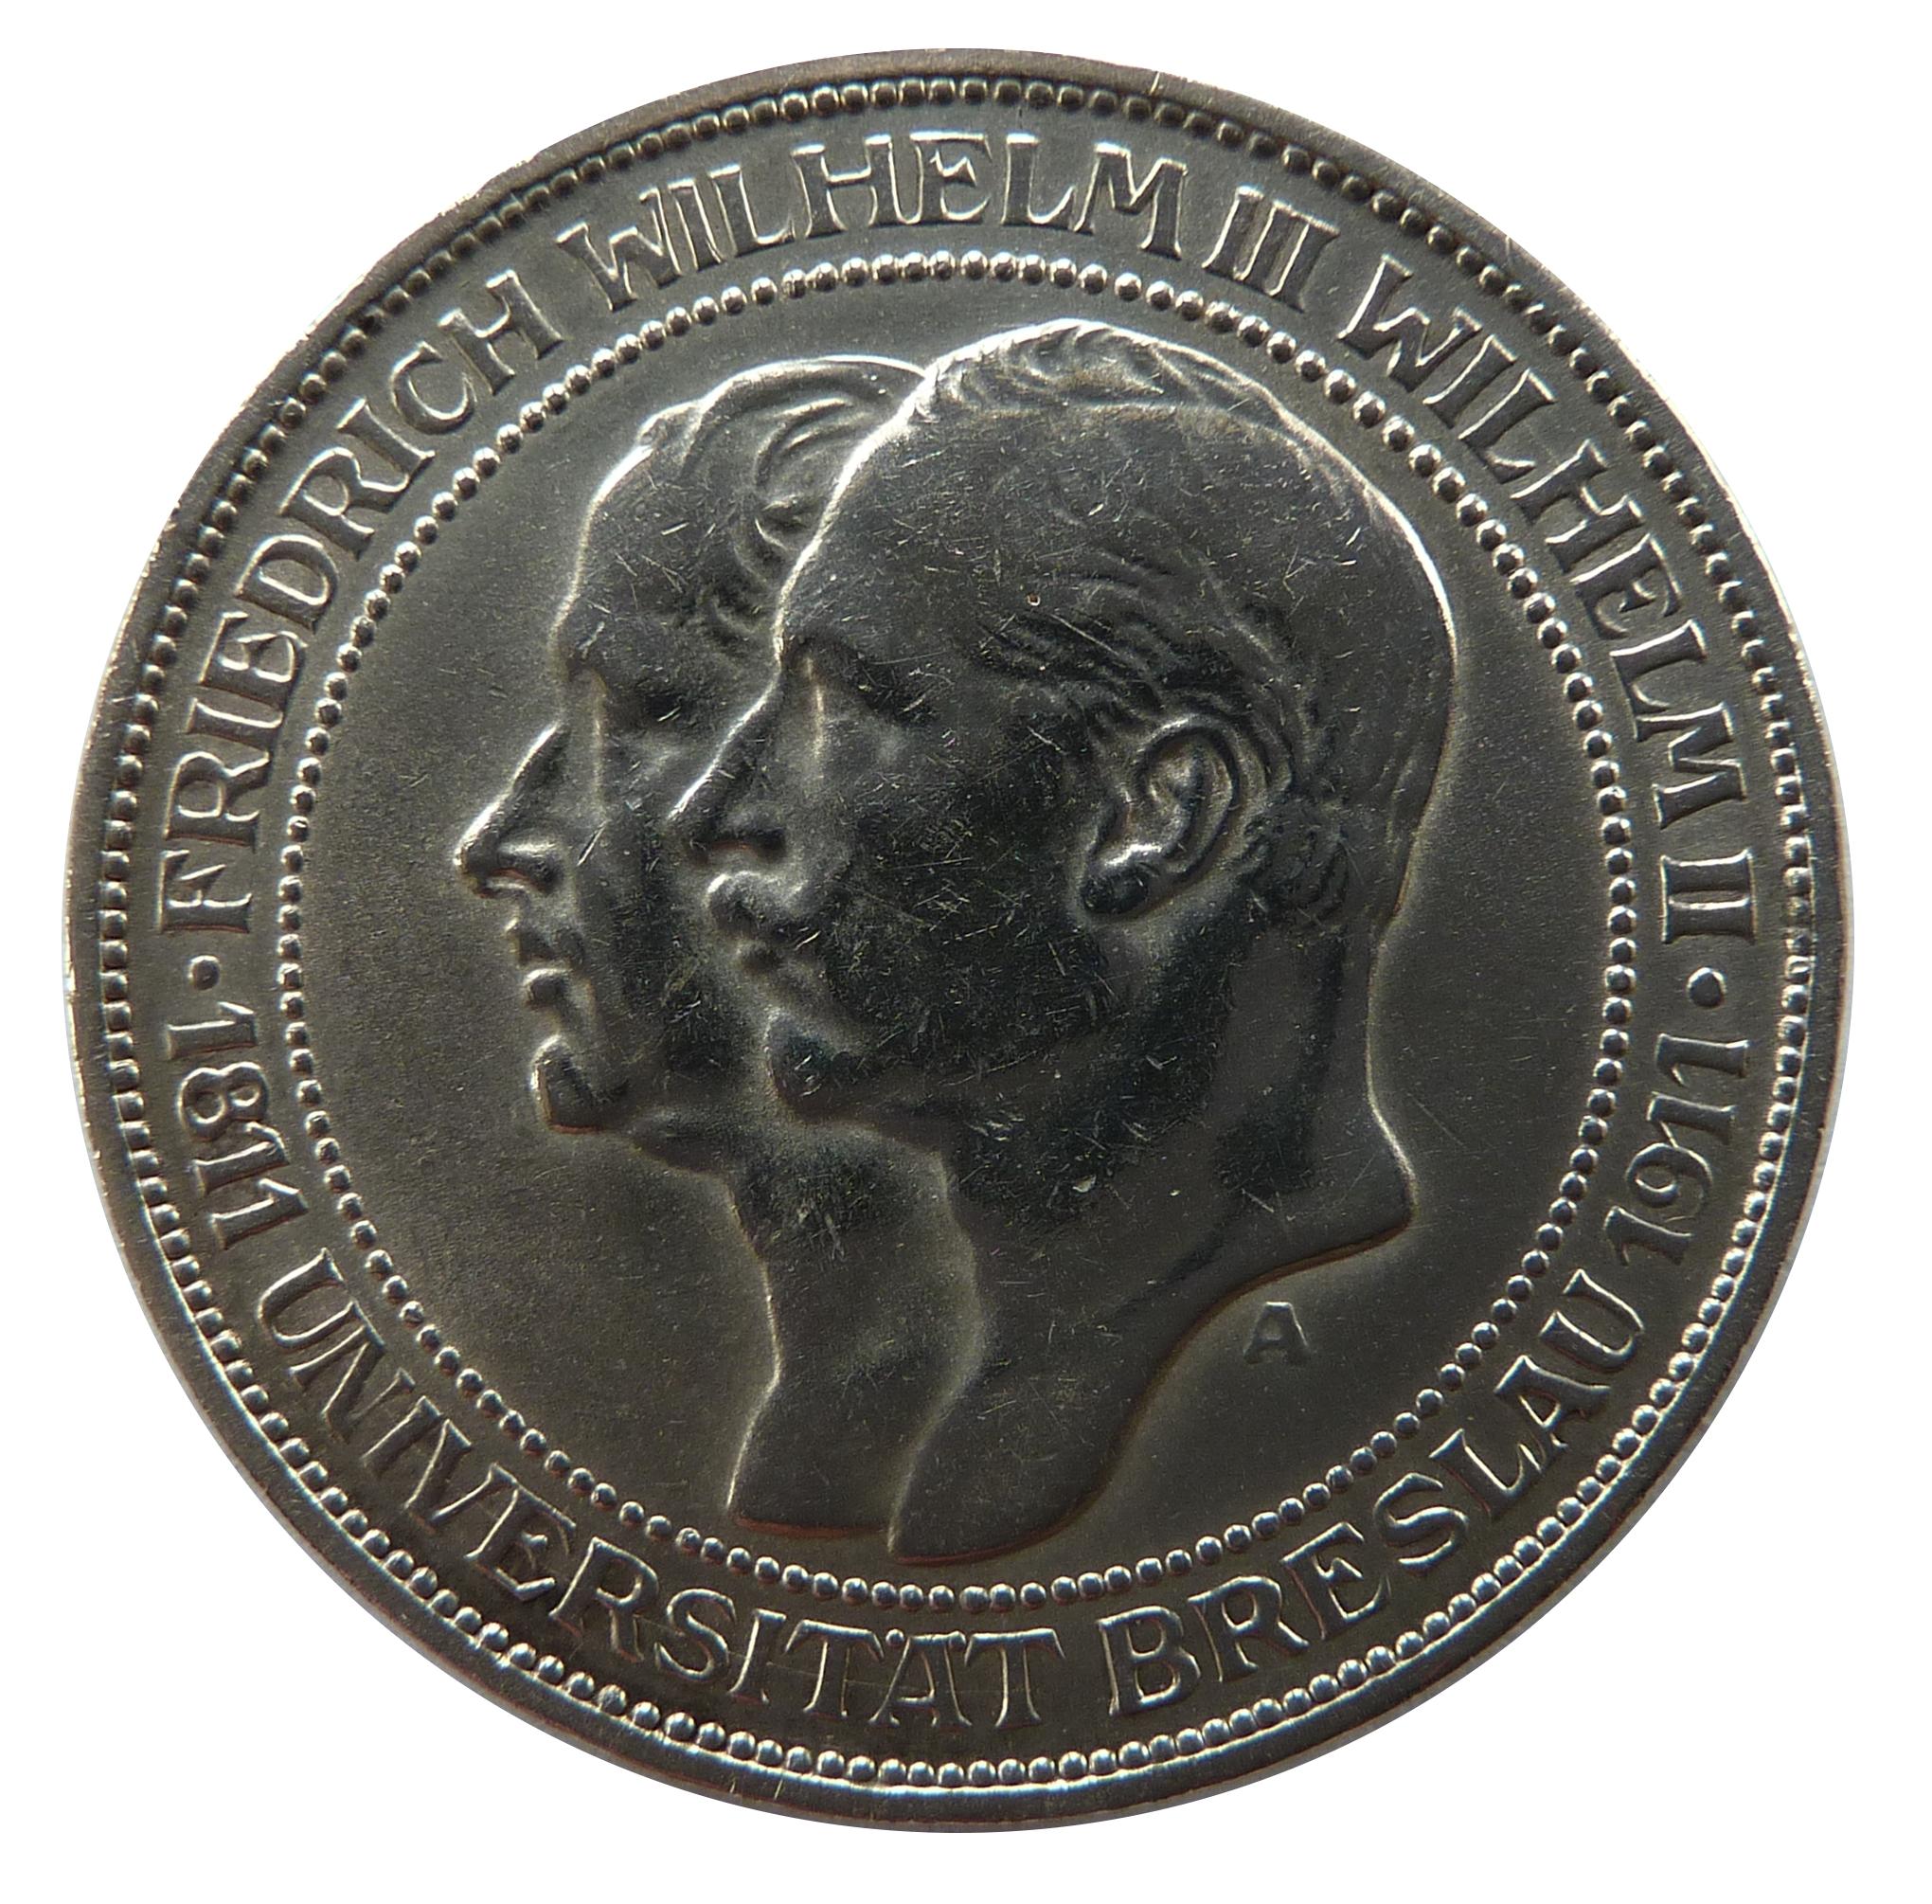 Фридрих II король Пруссии  Википедия с видео  WIKI 2